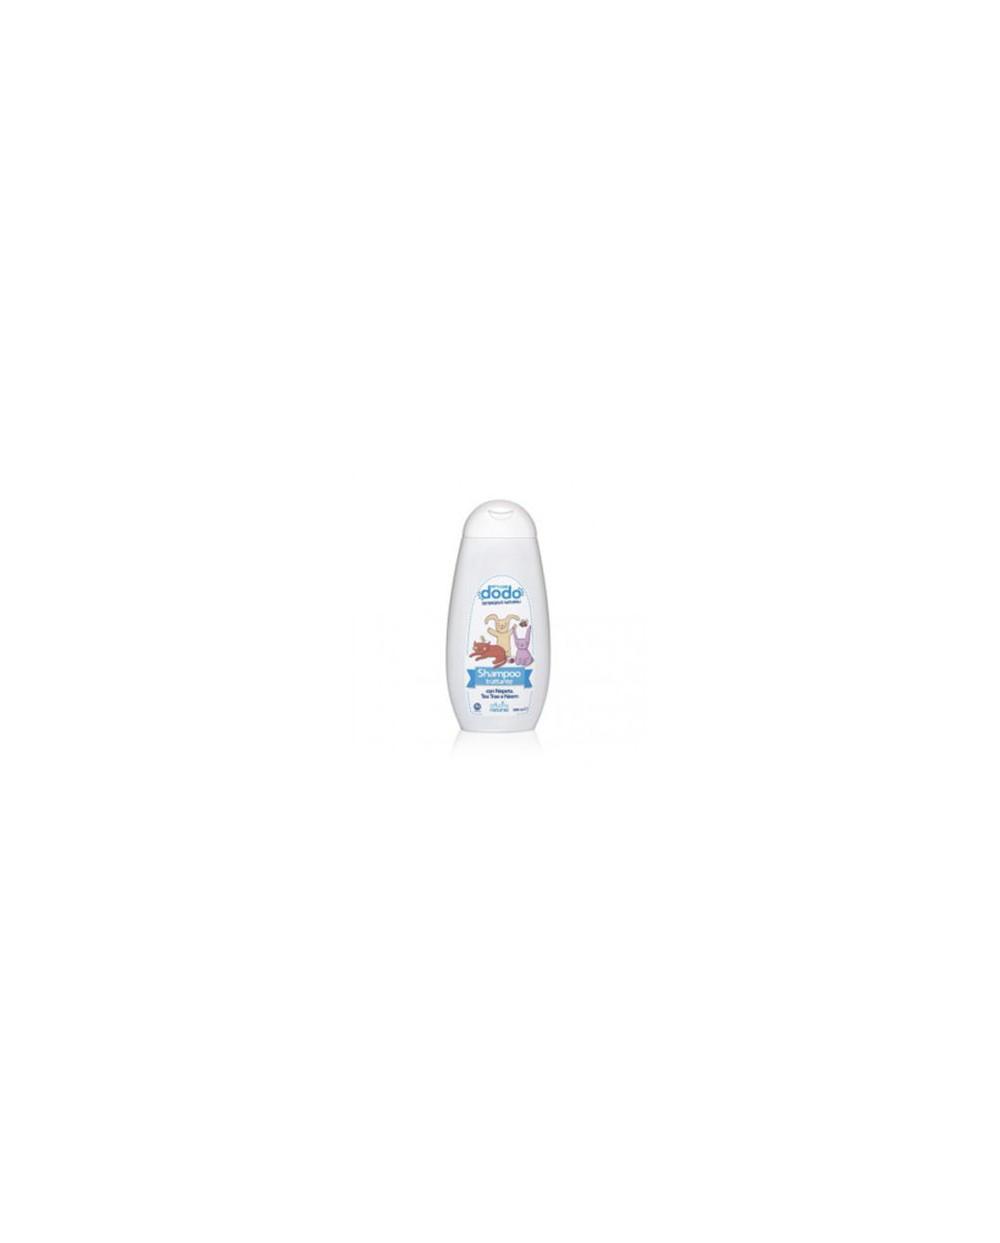 DODO -Dodo Shampoo Trattante